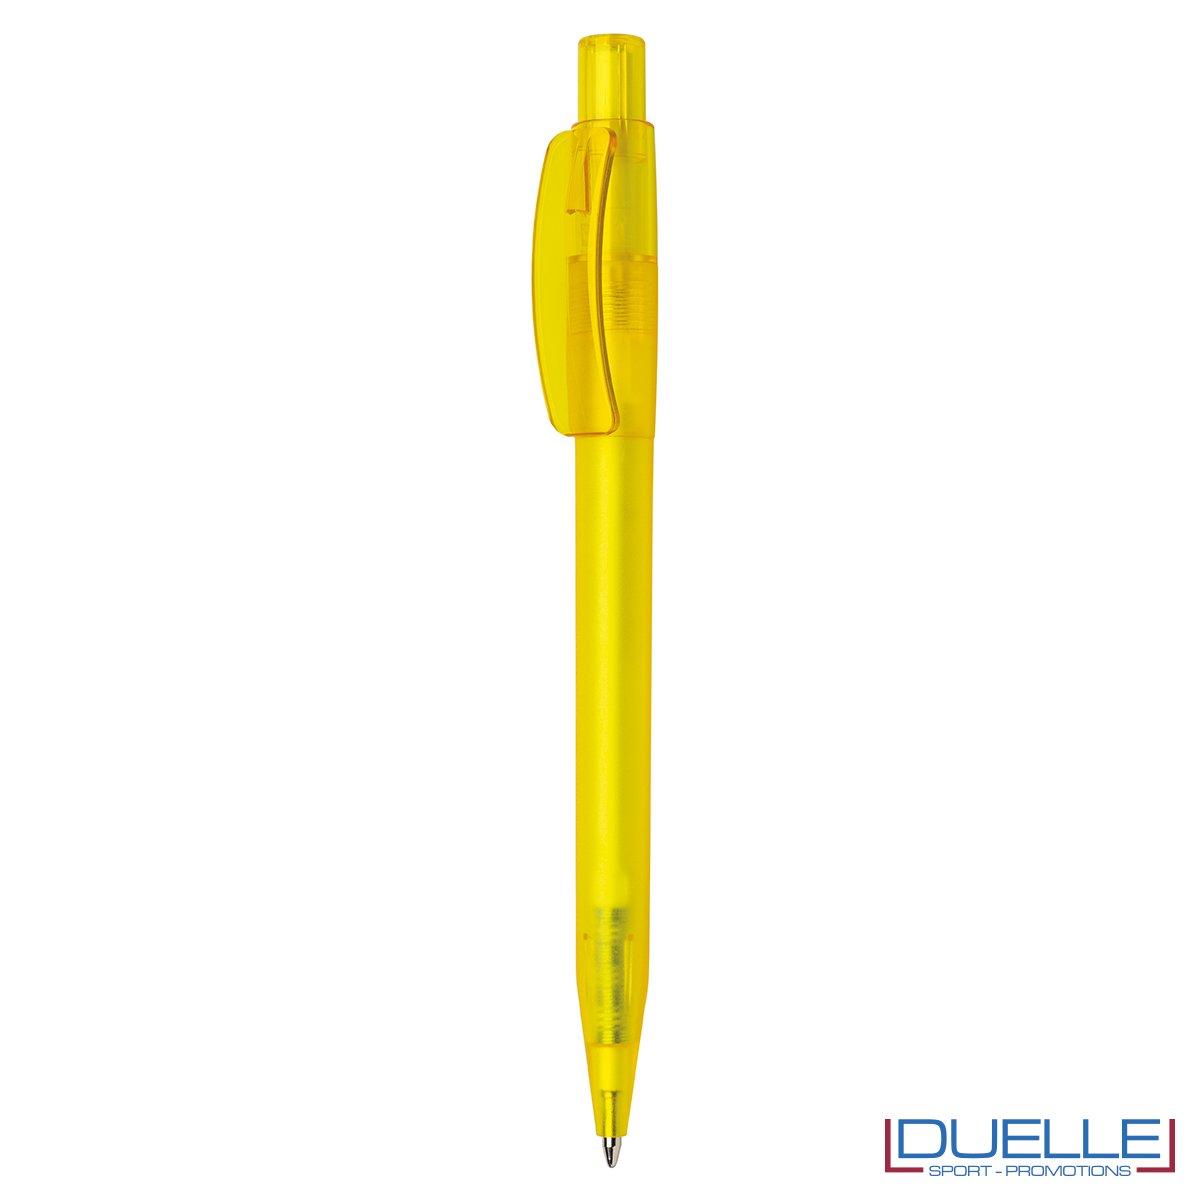 Penna Made in Italy personalizzata giallo effetto frost, gadget aziendali, penne personalizzate, gadget personalizzati, articoli promozionali